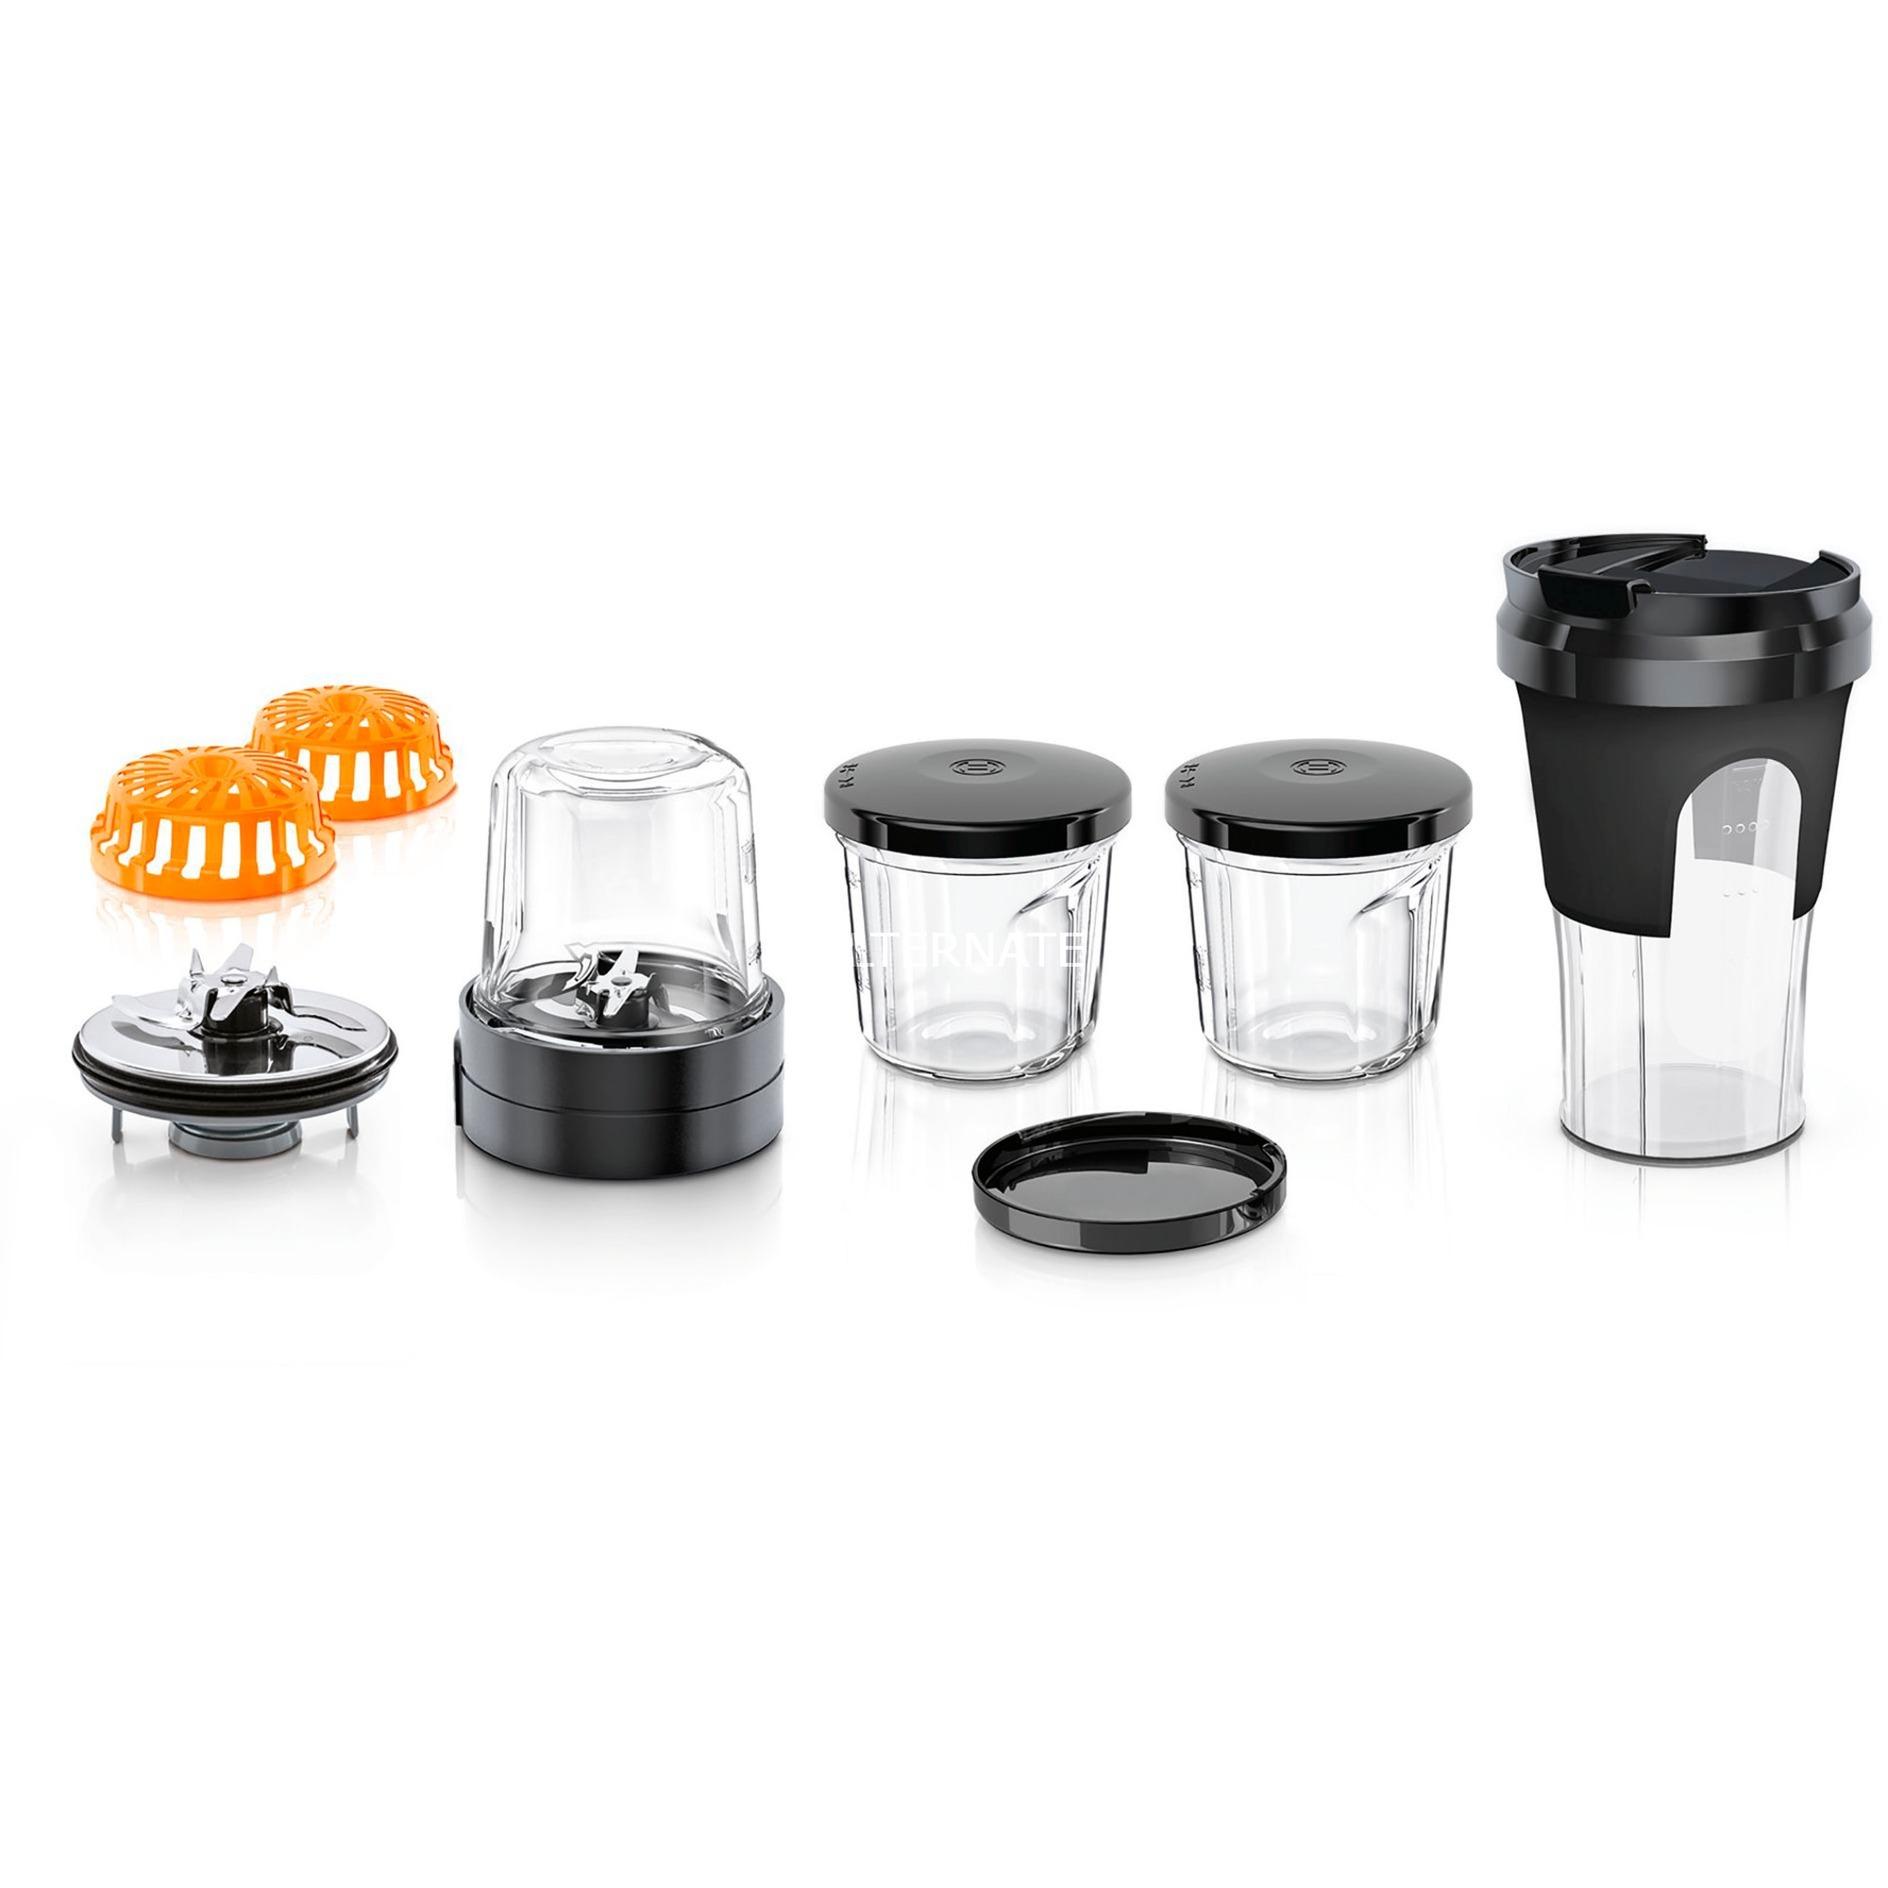 MUZ45XTM1 accesorio y suministro para el hogar, Robot de cocina